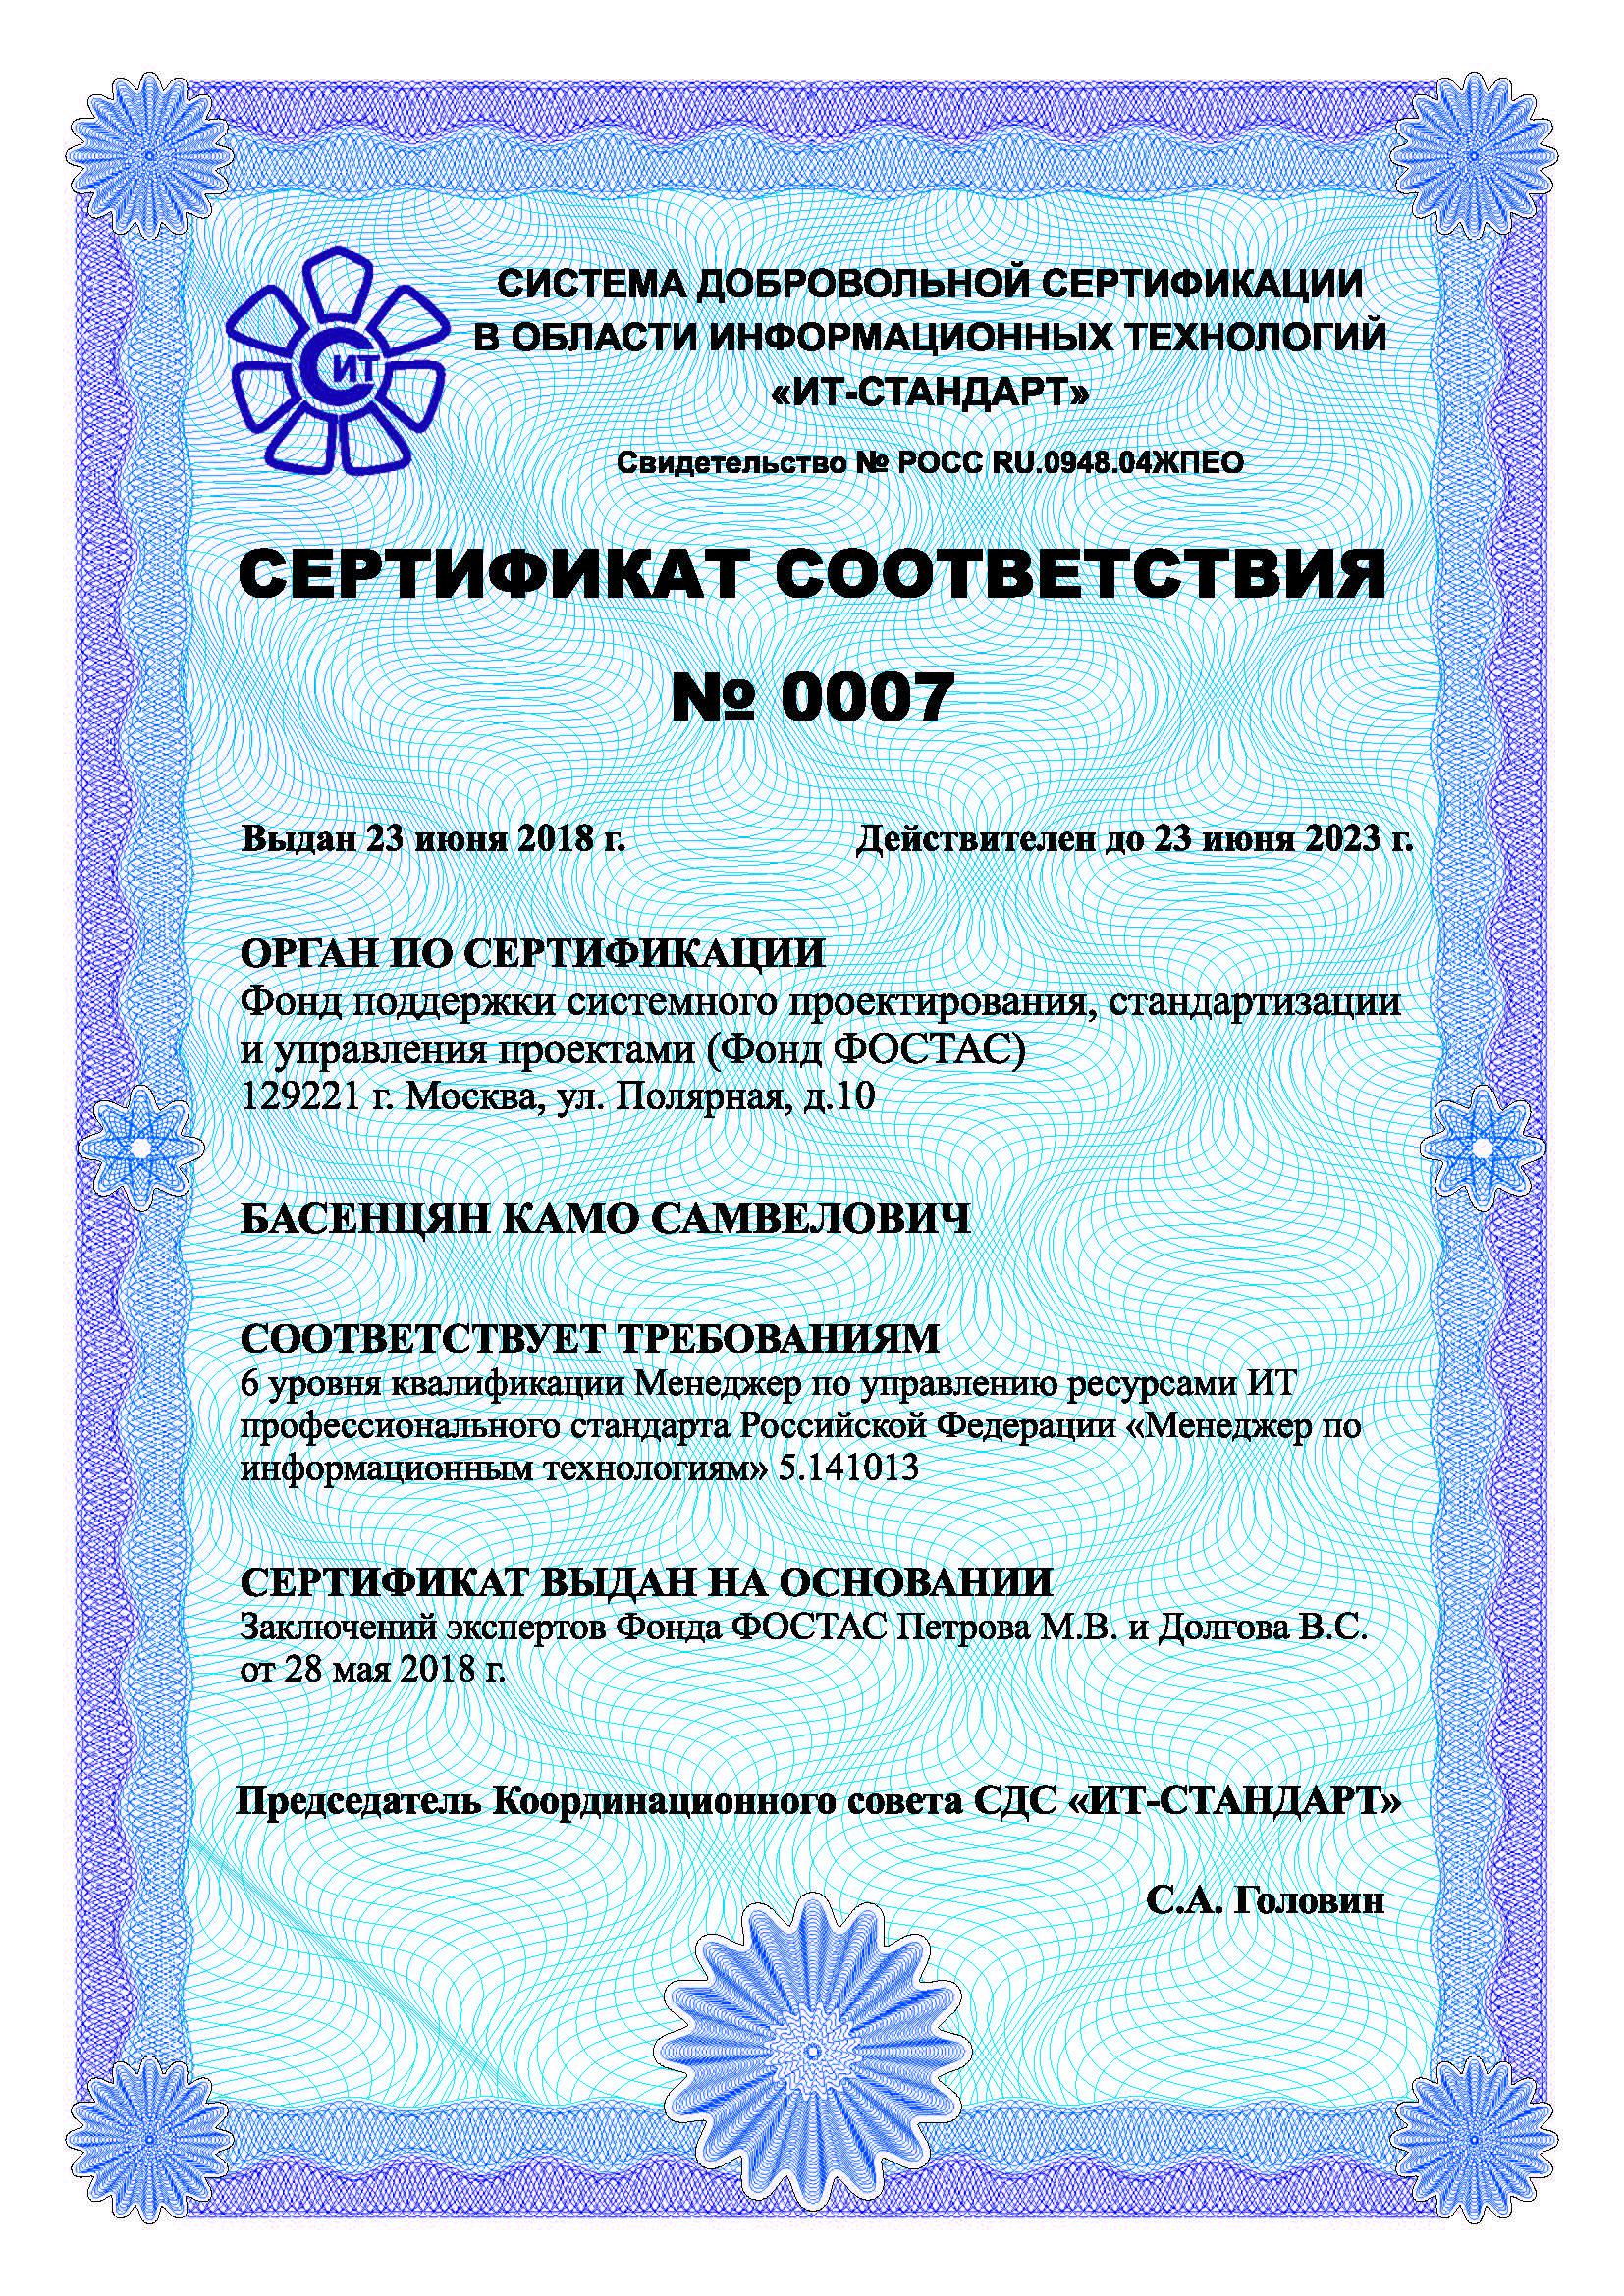 Сертификат Басенцян